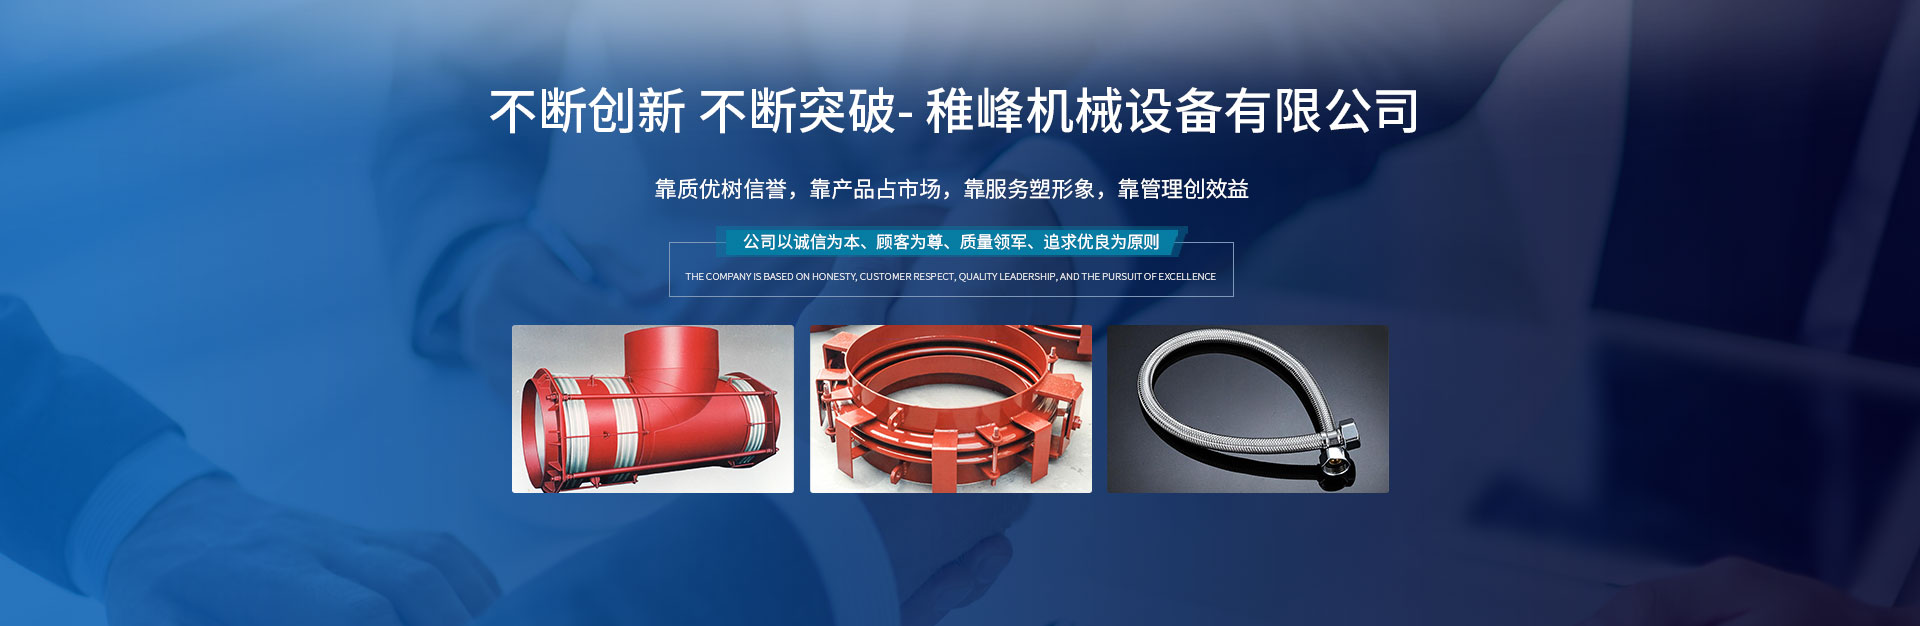 上海稚峰机械设备有限公司